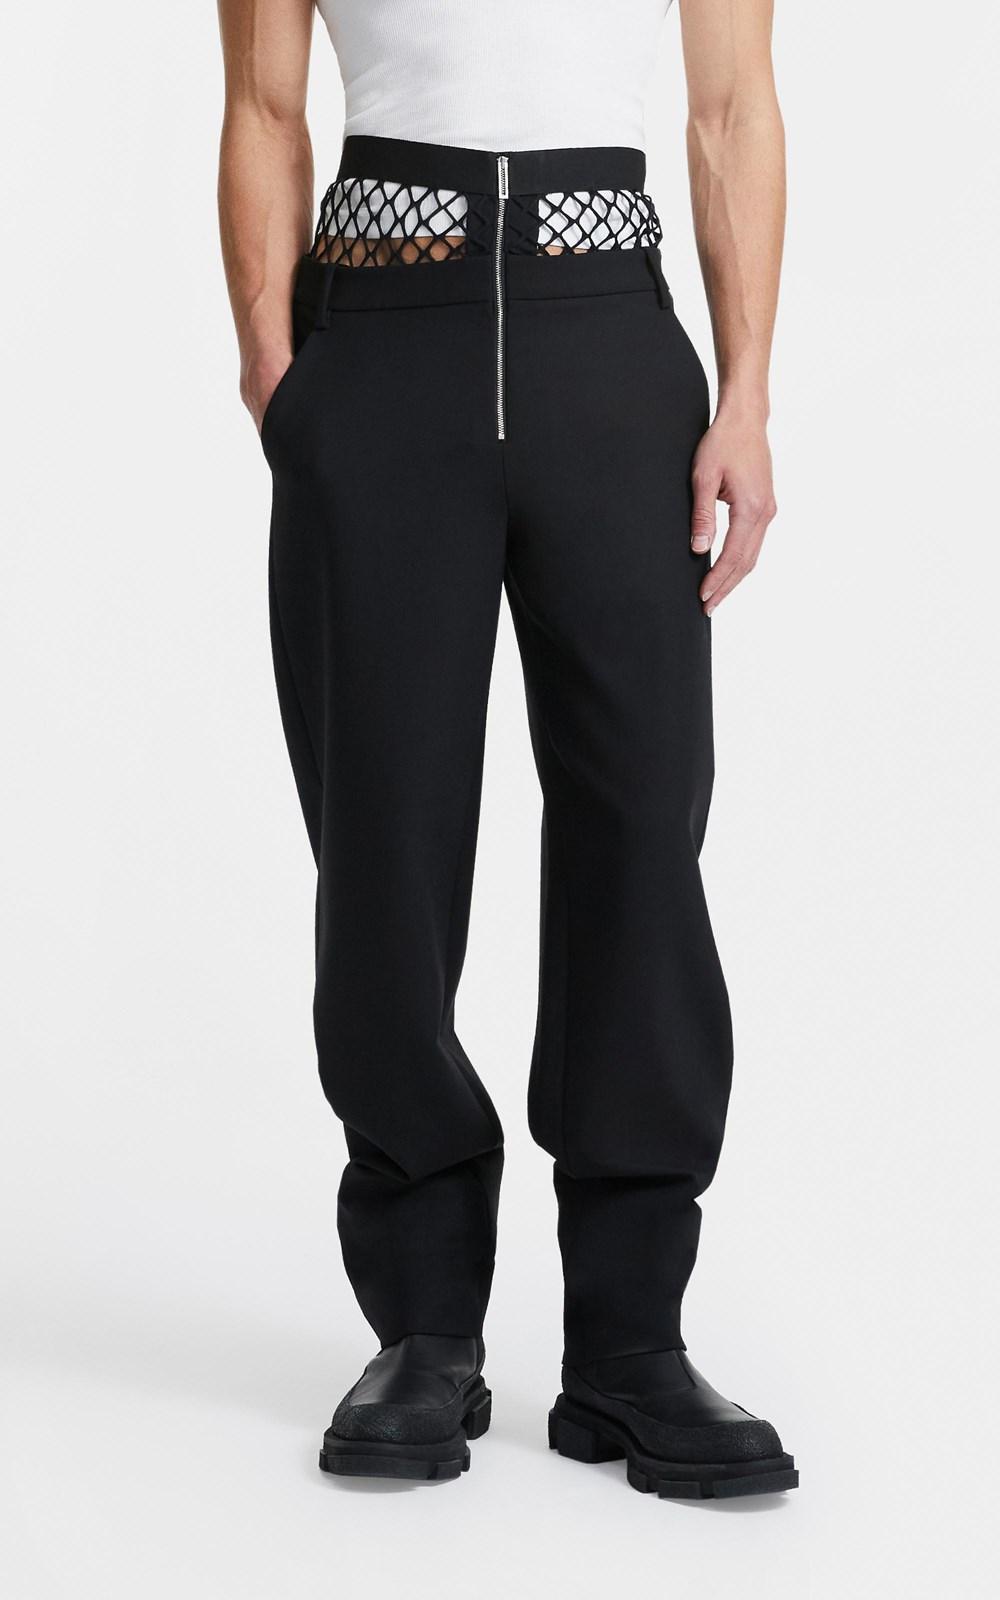 Pants   FISHNET TAILORED PANT